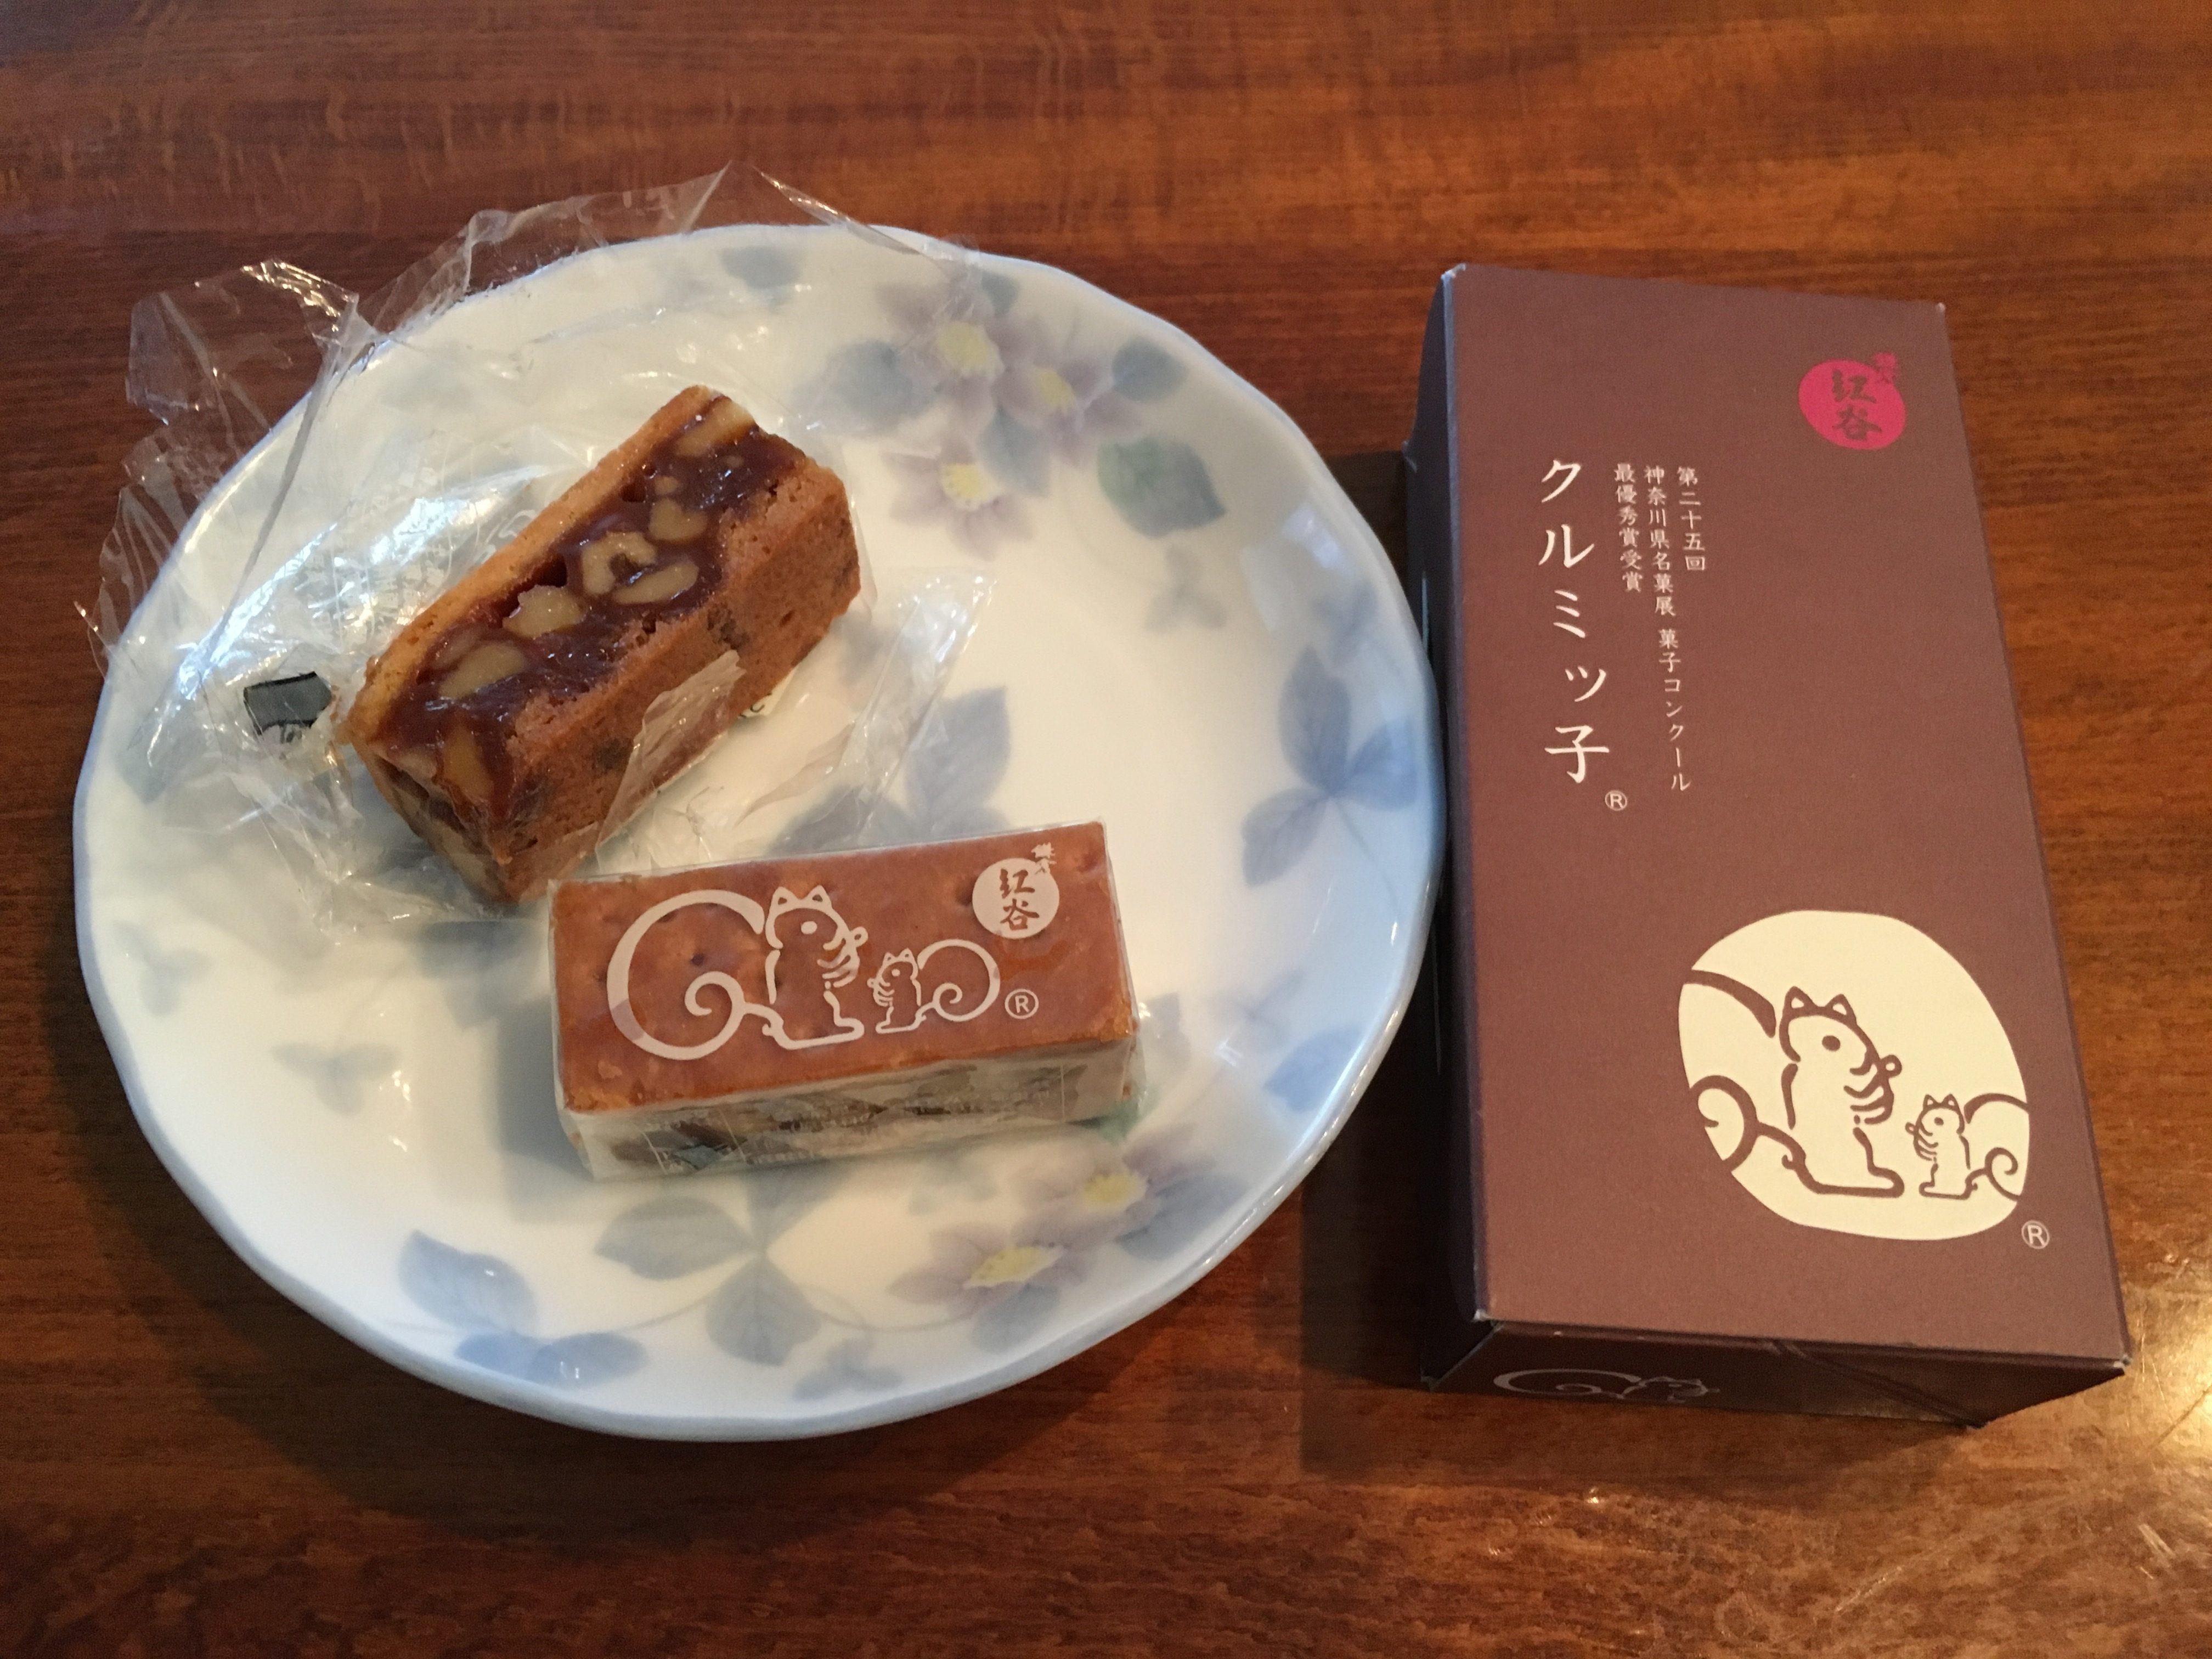 鎌倉紅谷のクルミッ子は入手困難な話題のスイーツ!実際に美味いか食べてみた!